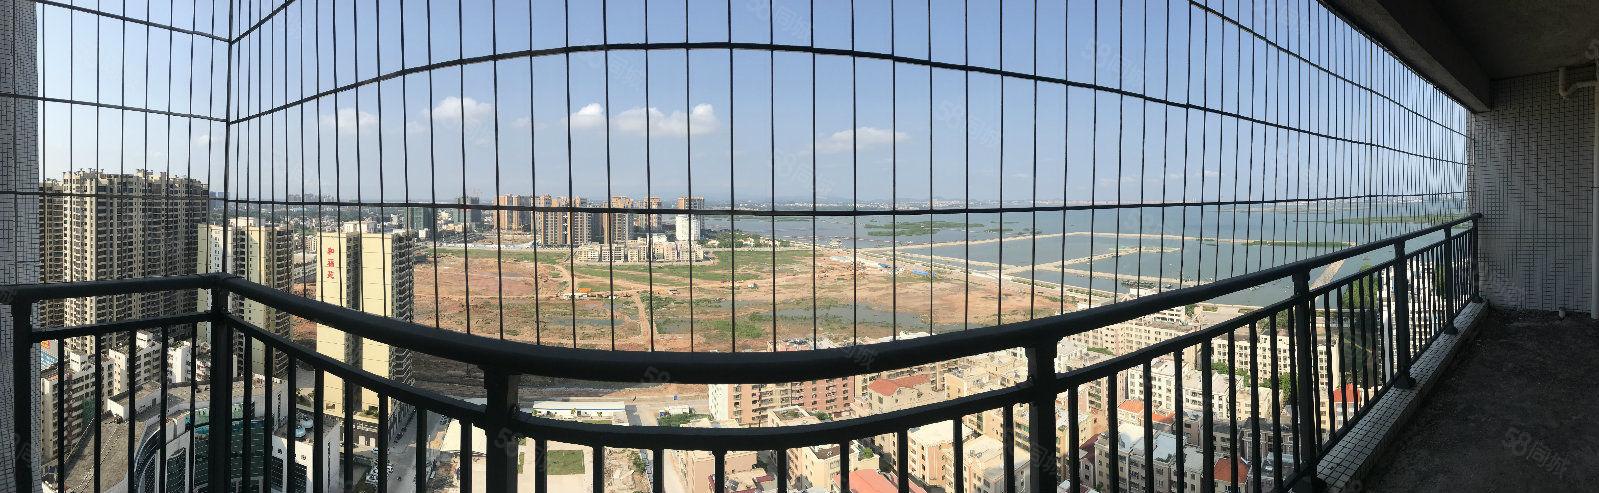 飞鹏丽涛五期3房超美海景房户型方正价格合理随时看房